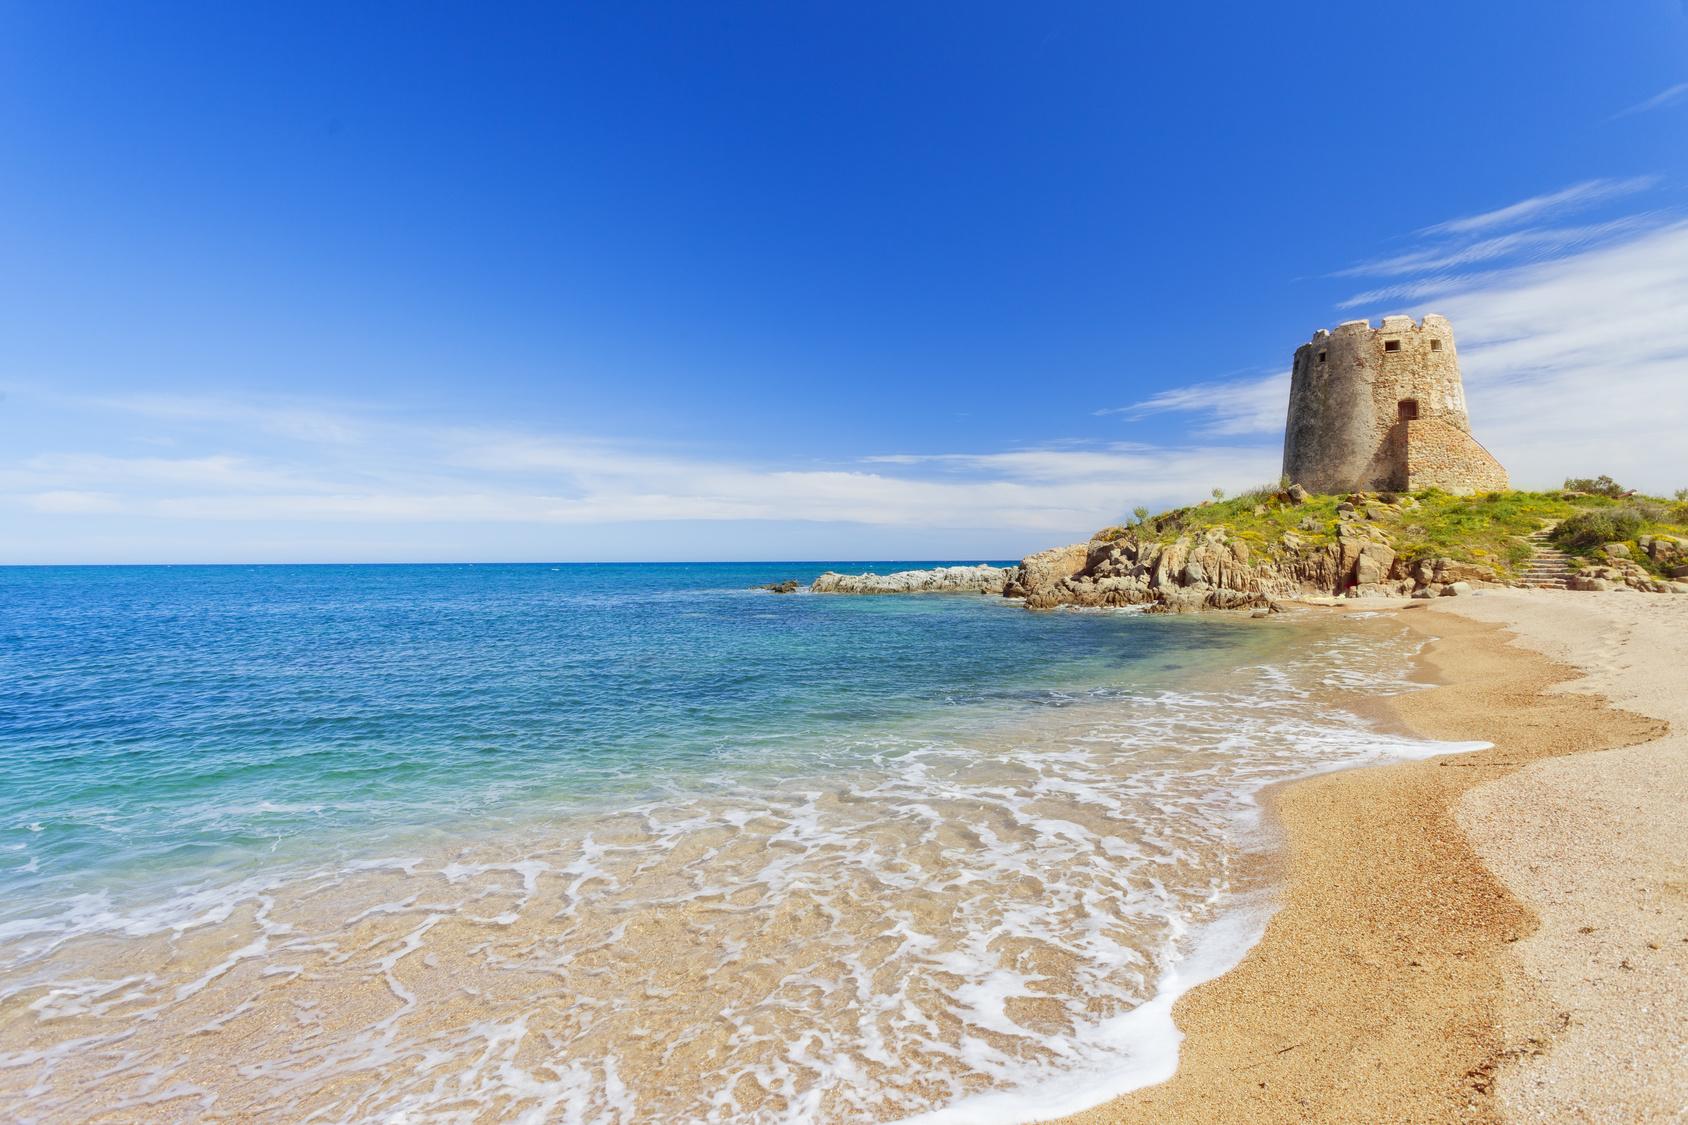 Spiaggia torre di bar bari sardo sardegna spiagge italiane su - Torre specchia spiaggia ...